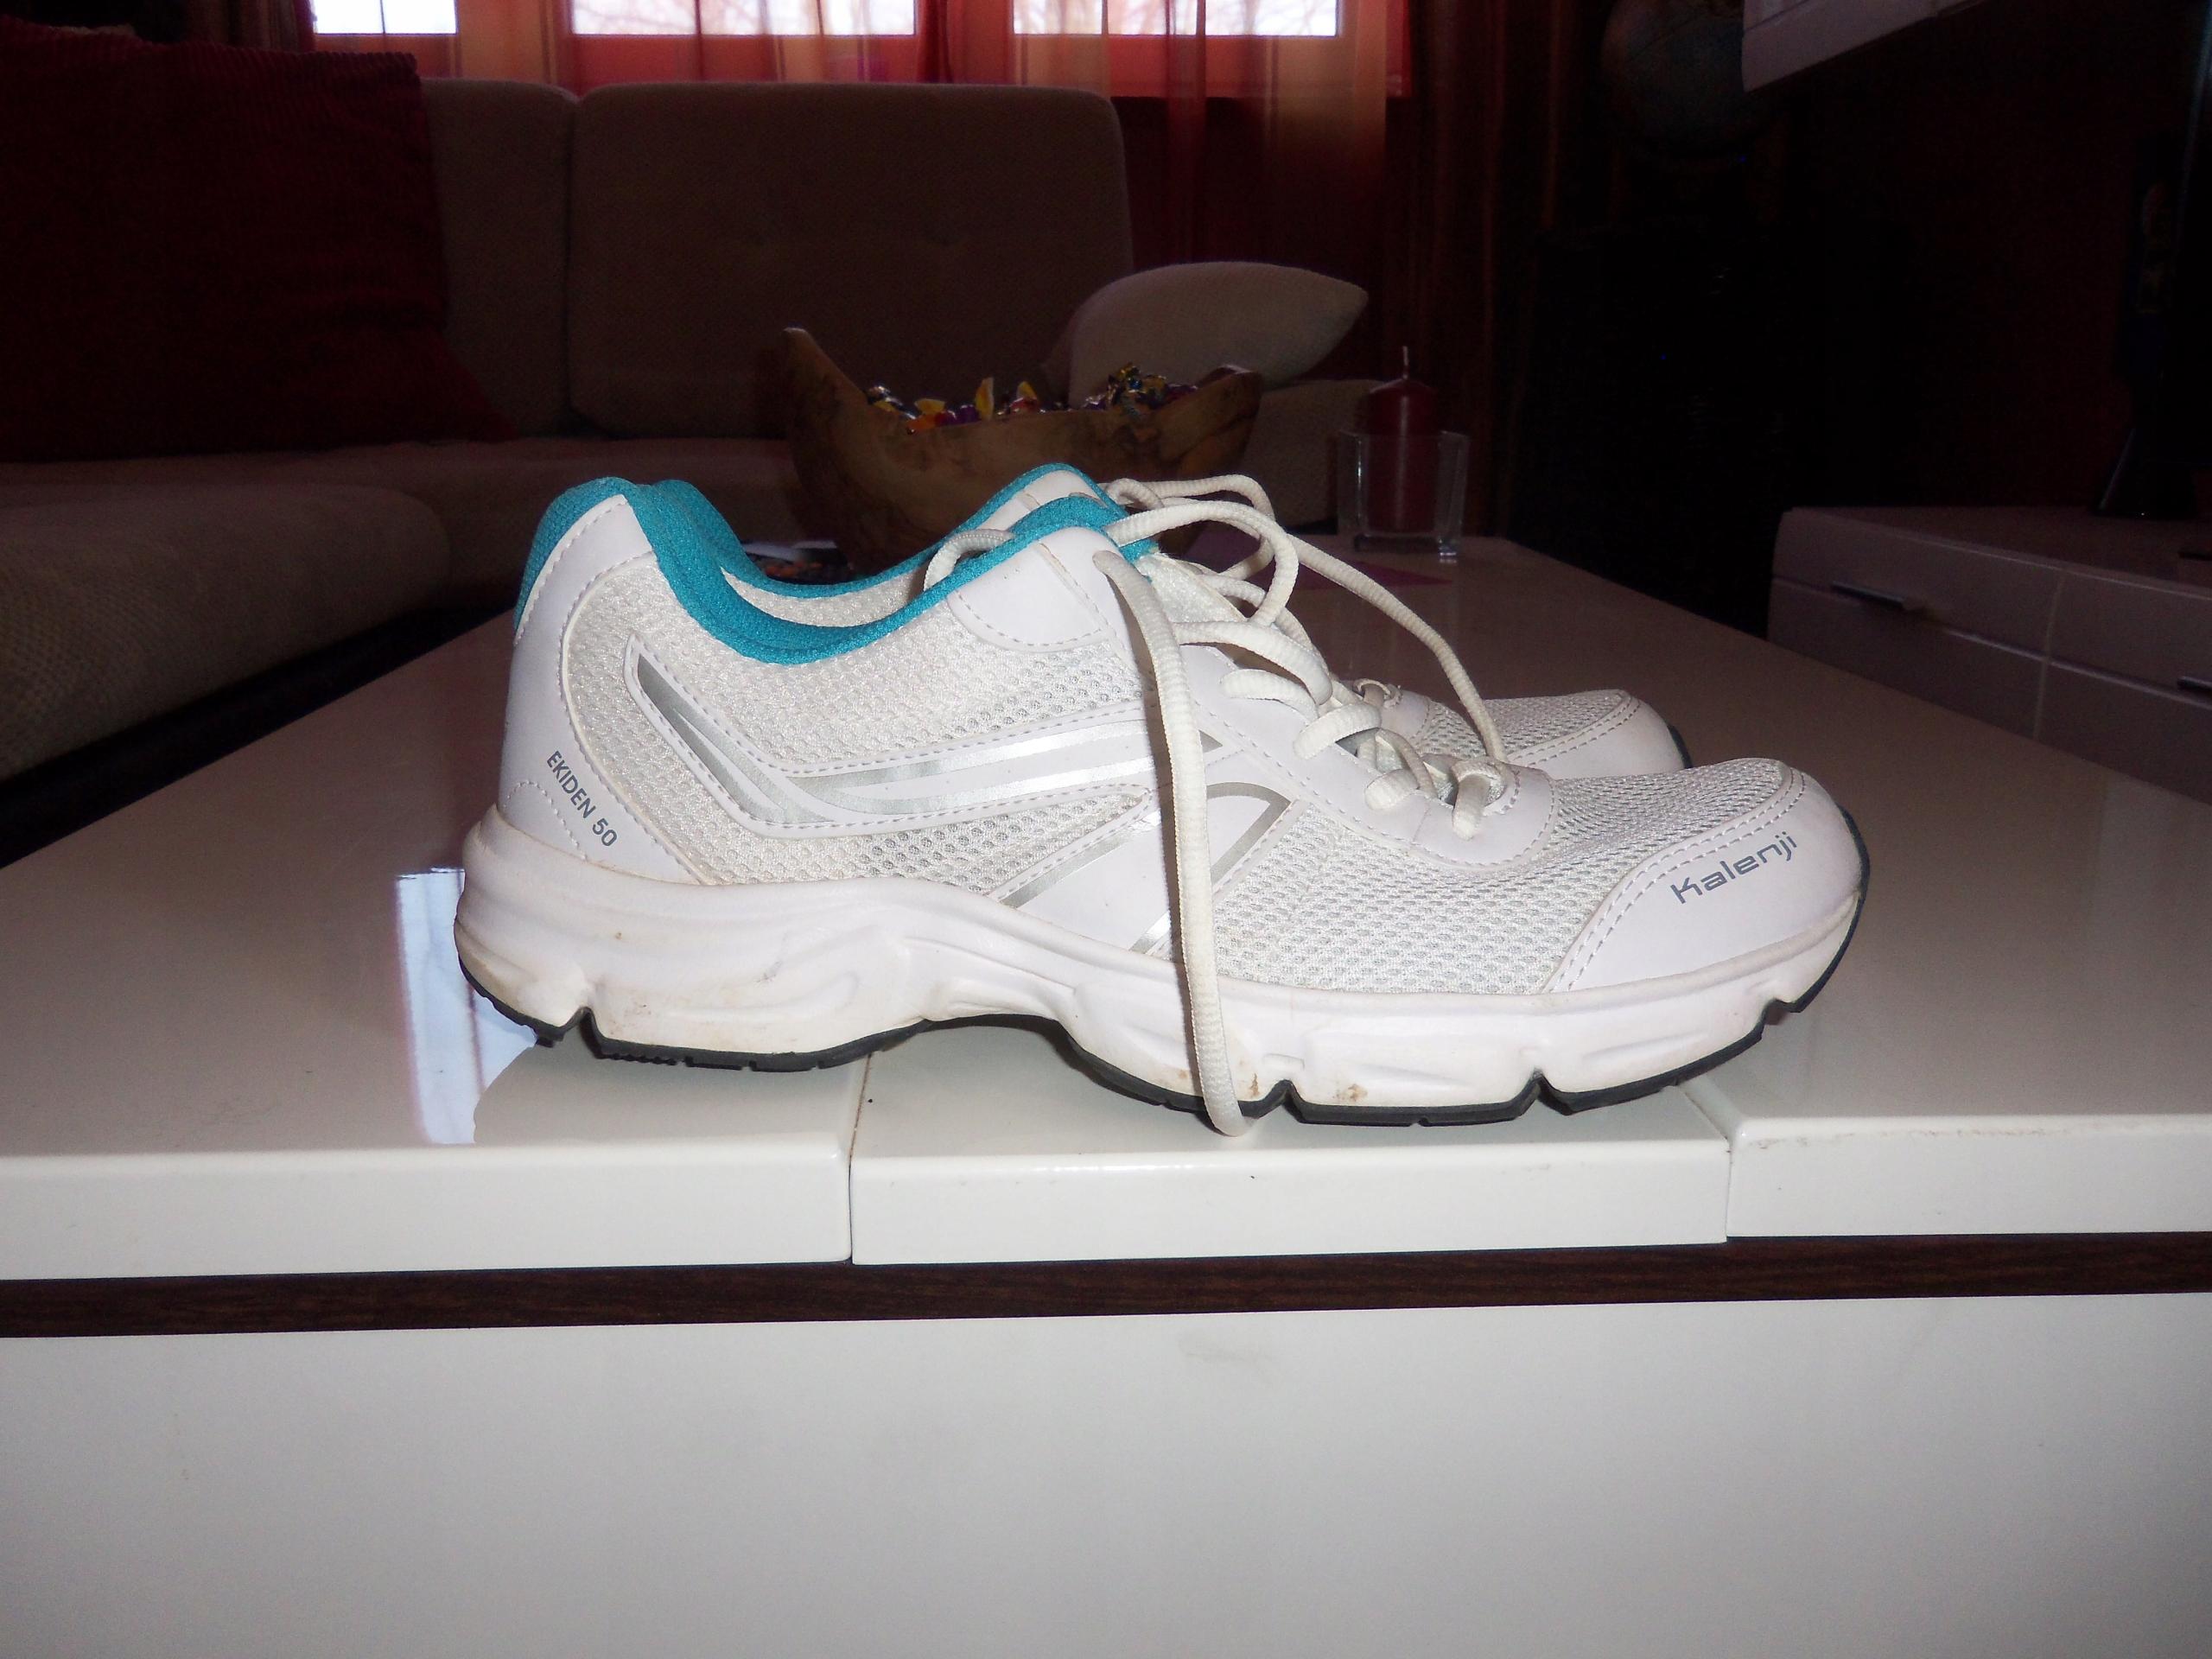 buty Kalenji do biegania r.41, 27cm wkładka